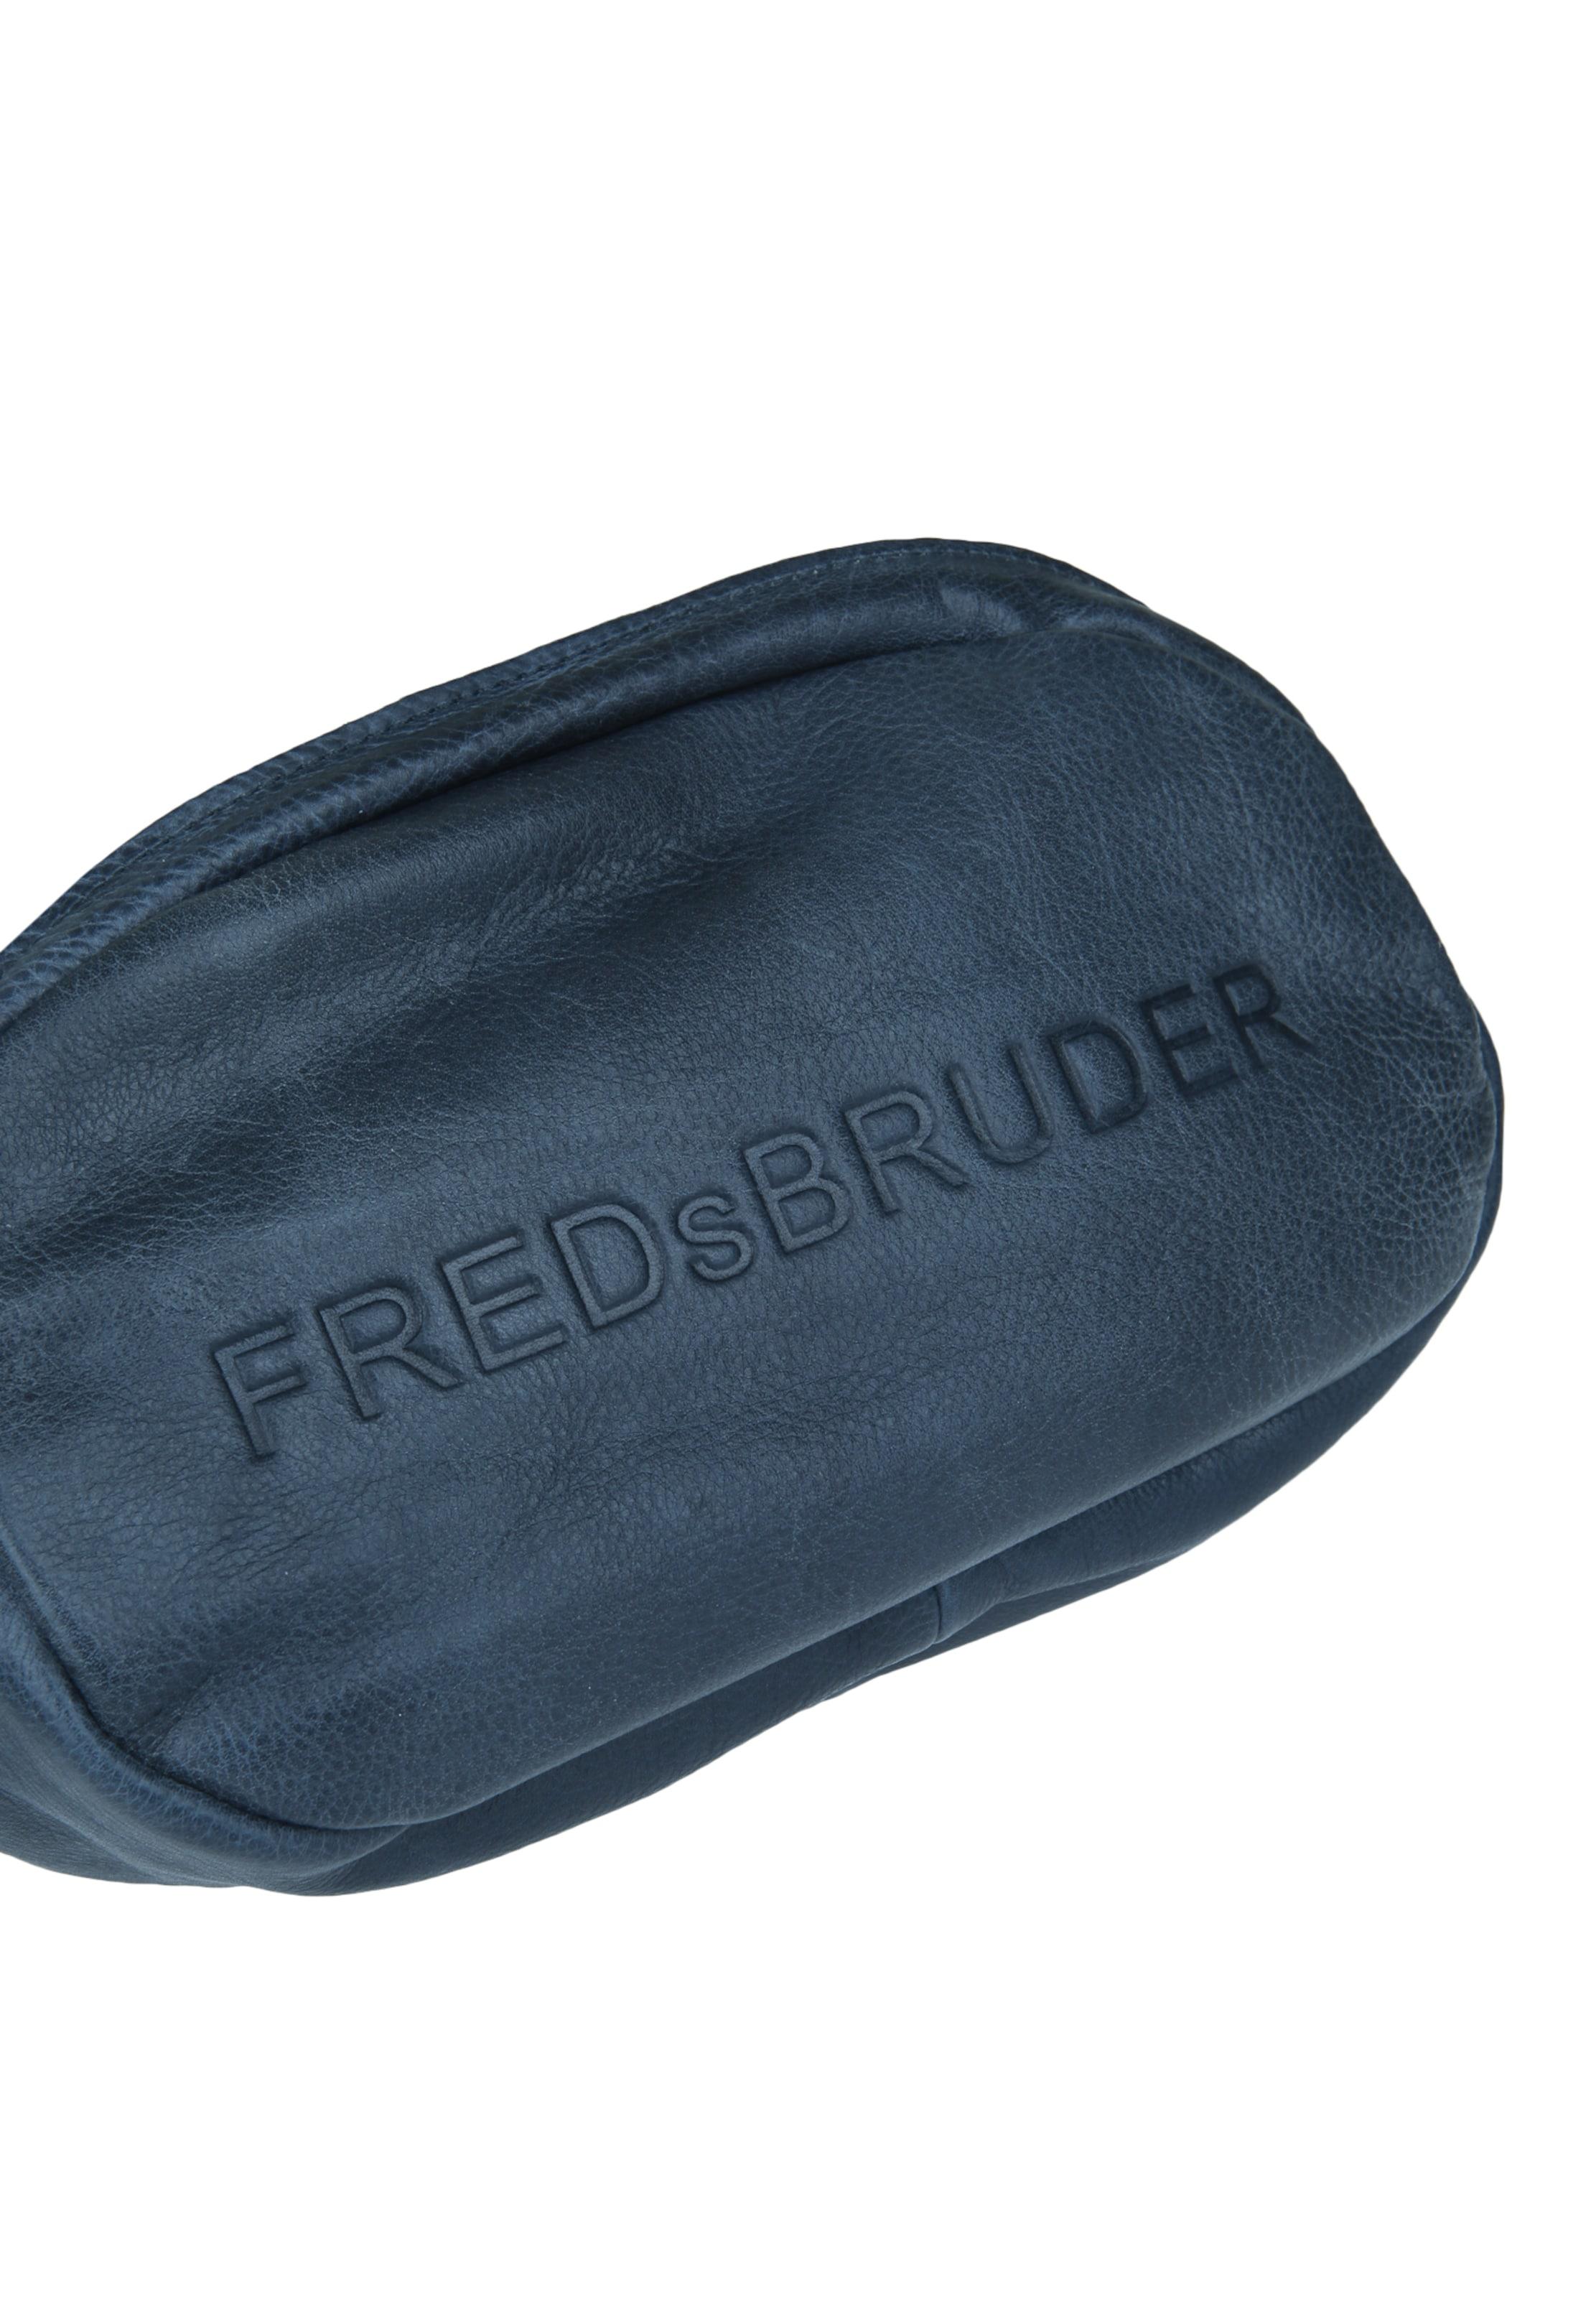 Fredsbruder Blau Umhängetasche In Blau Fredsbruder In Umhängetasche 'riffelinchen' Fredsbruder Umhängetasche 'riffelinchen' wOkN8PZXn0